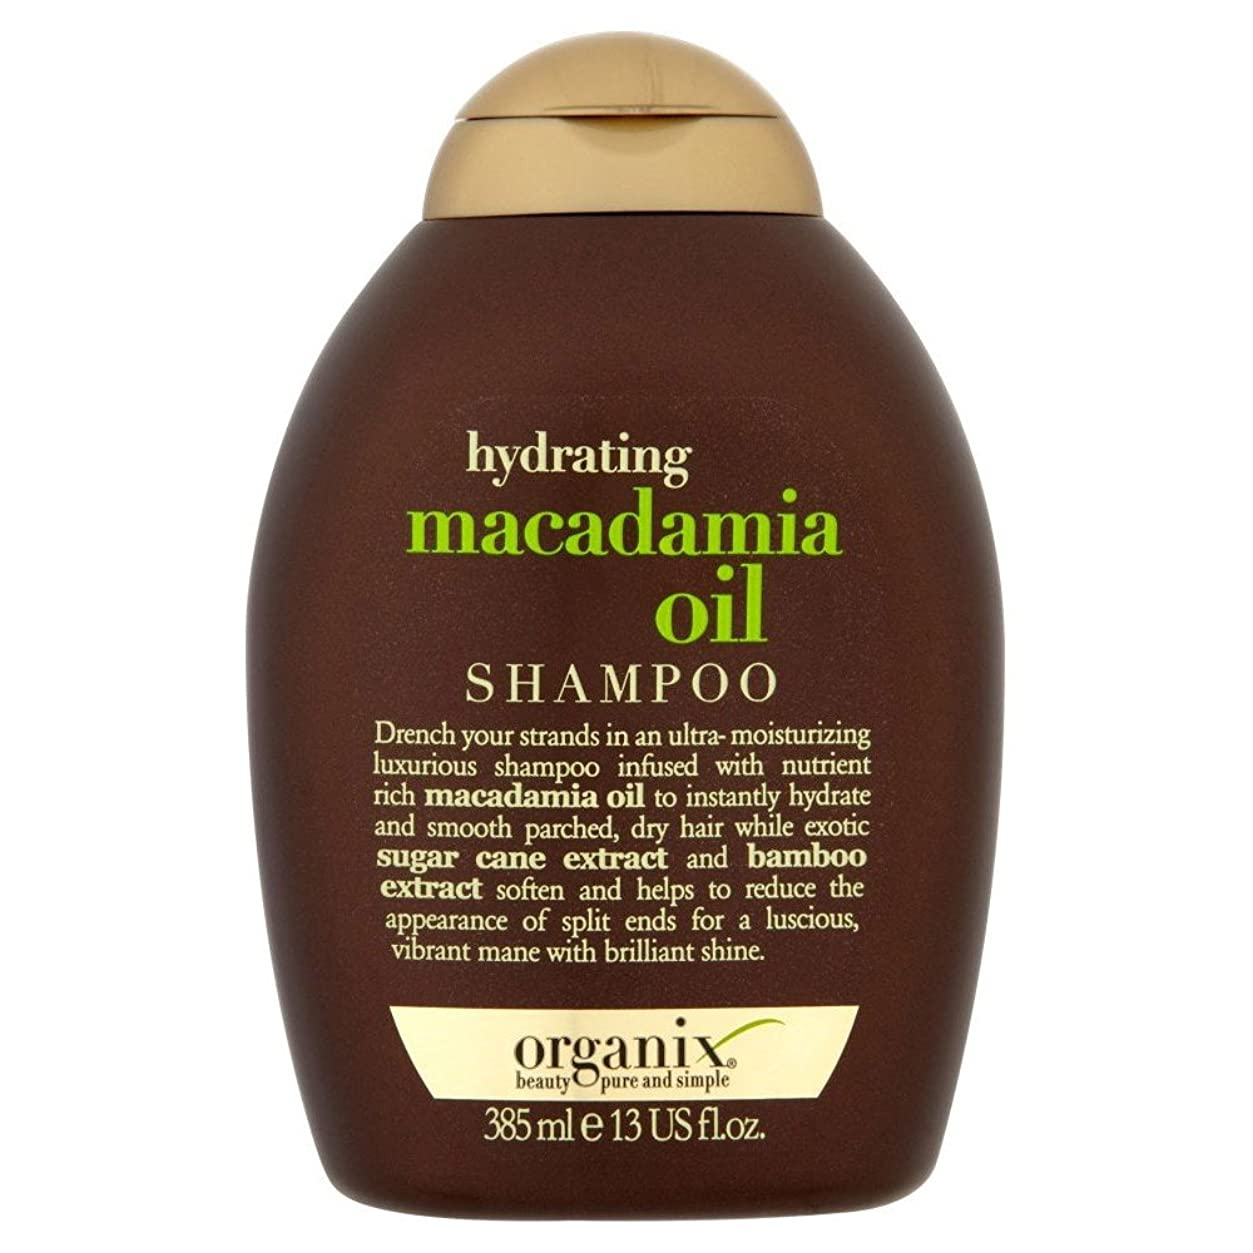 つなぐアルファベットマッシュOrganix Hydrating Macadamia Oil Shampoo (385ml) Organix水和マカダミアオイルシャンプー( 385ミリリットル) [並行輸入品]